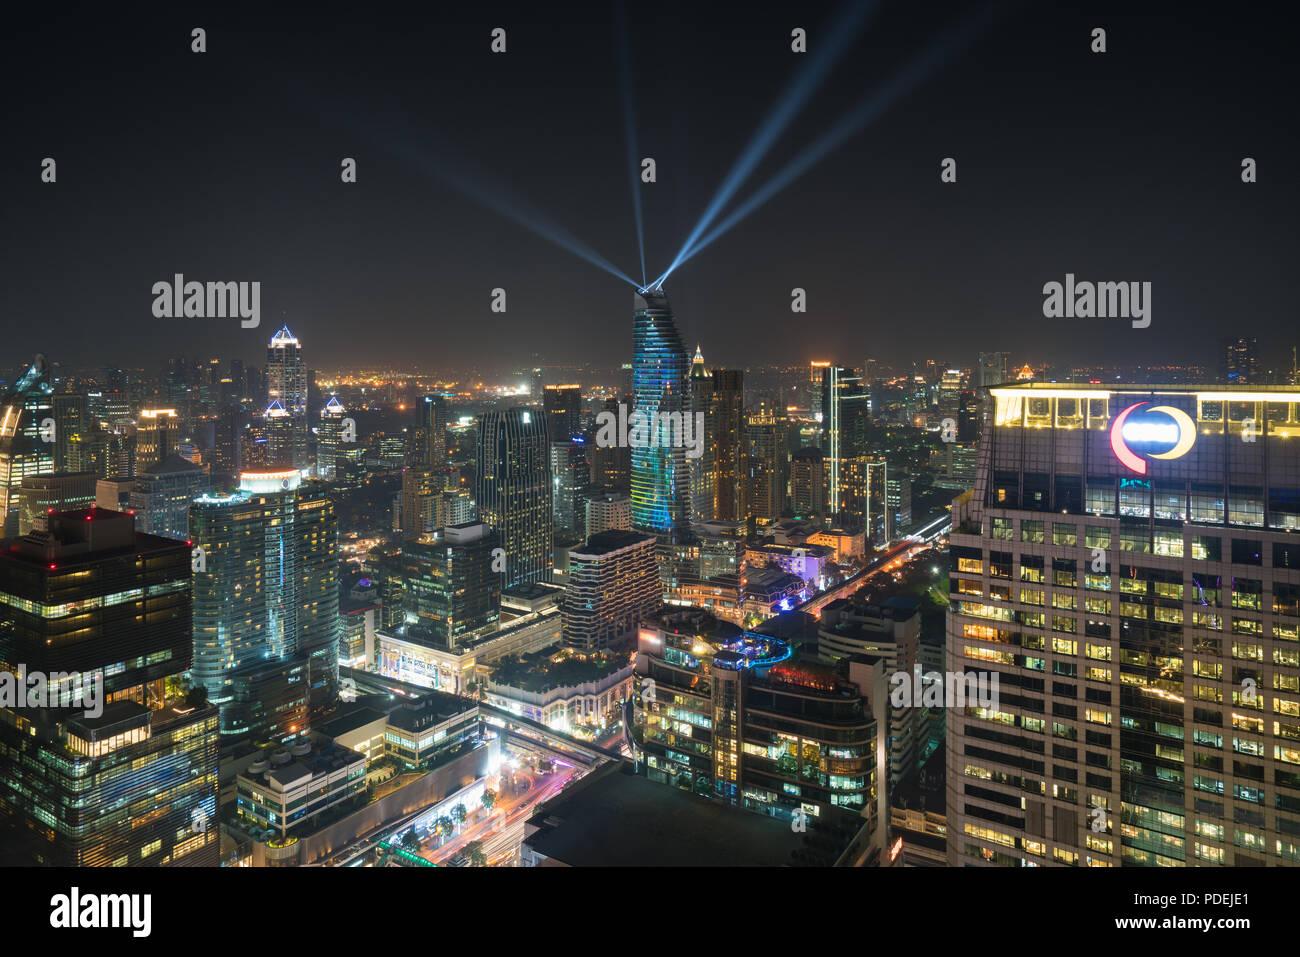 Vue de nuit avec des gratte-ciel dans le quartier des affaires de Bangkok en Thaïlande. Spectacle léger à Ratchaprasong Magnolias à Bangkok, Thaïlande. Photo Stock